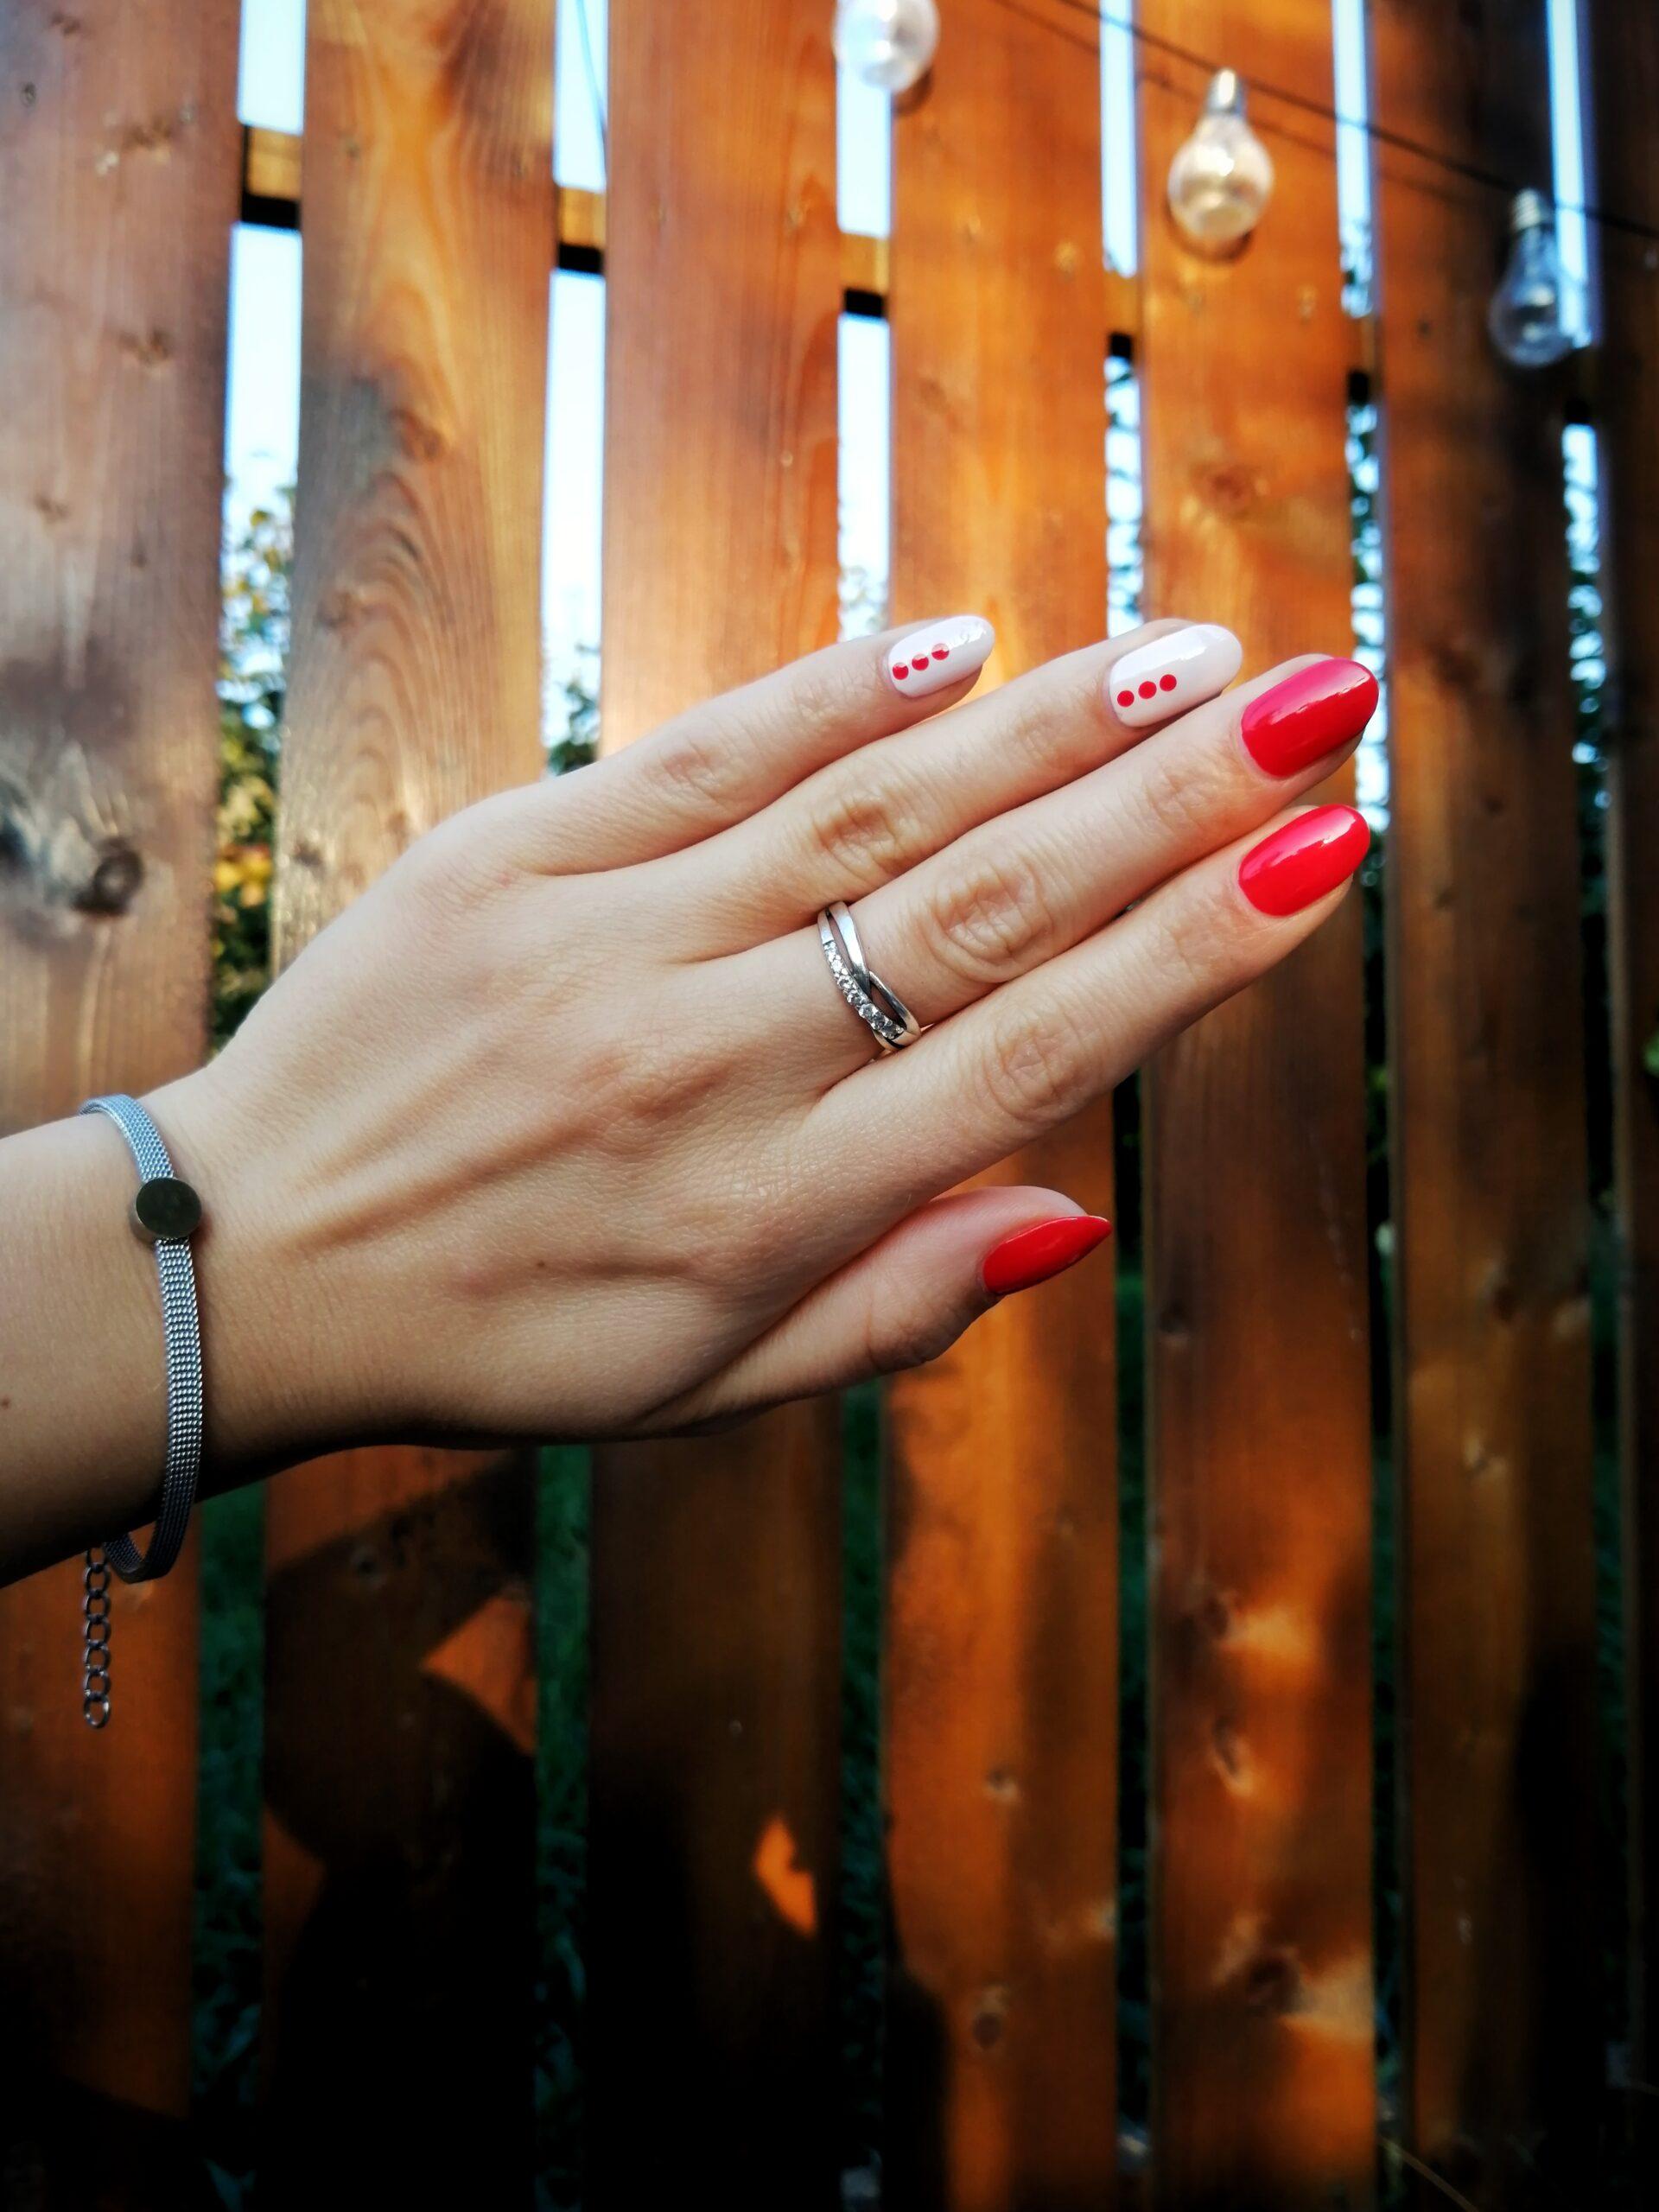 Pas cu pas: o altfel de manichiură roșie, cu nude și model